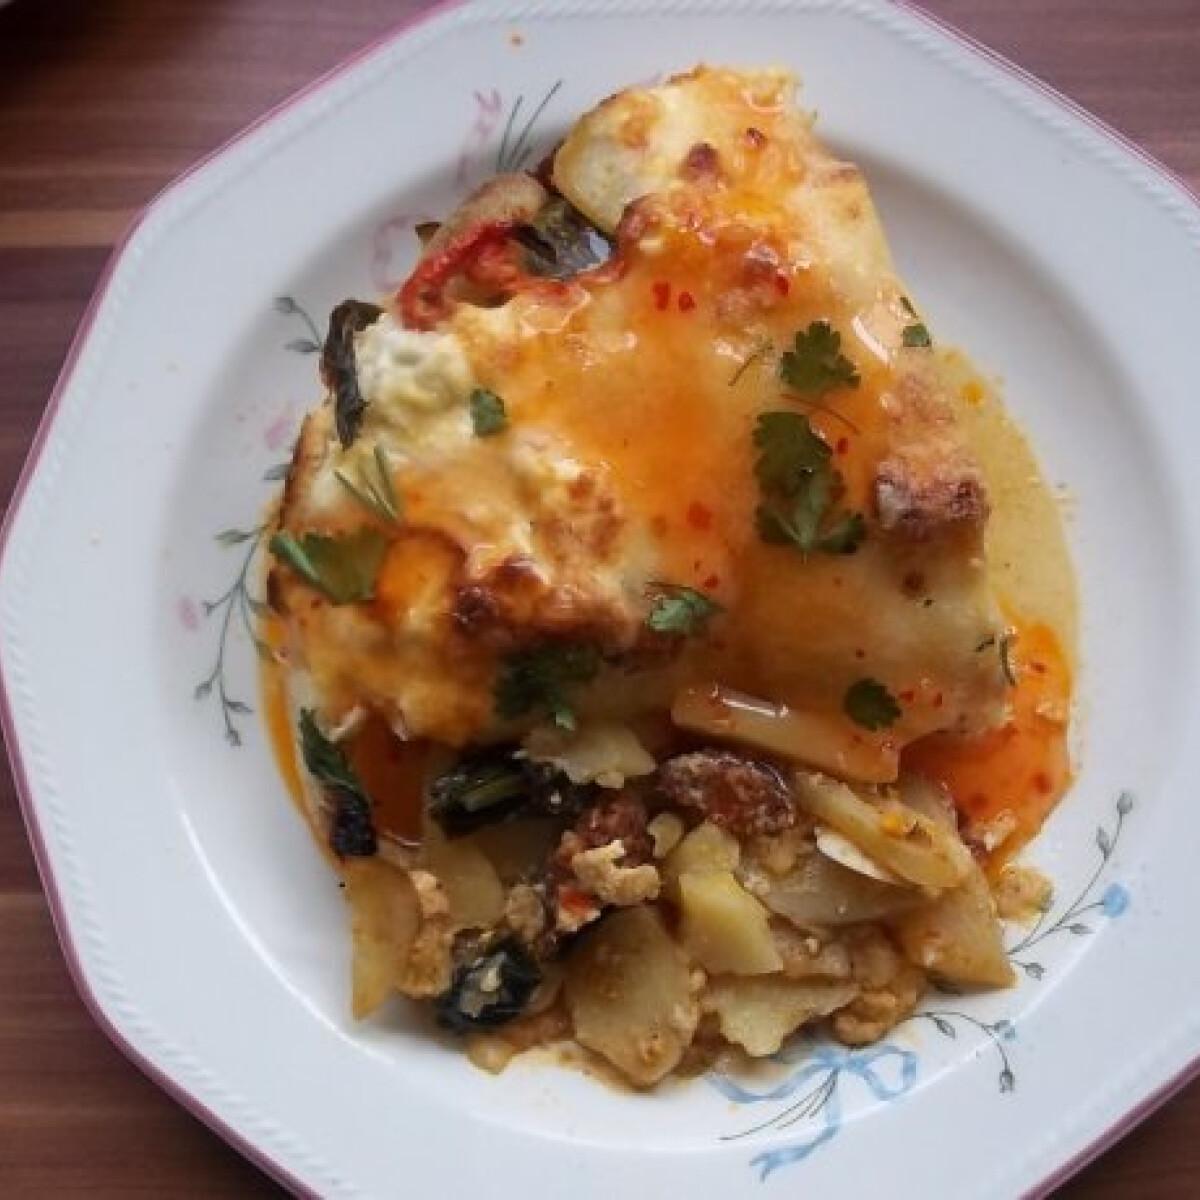 Ezen a képen: Medvehagymás paraszt rakott krumpli